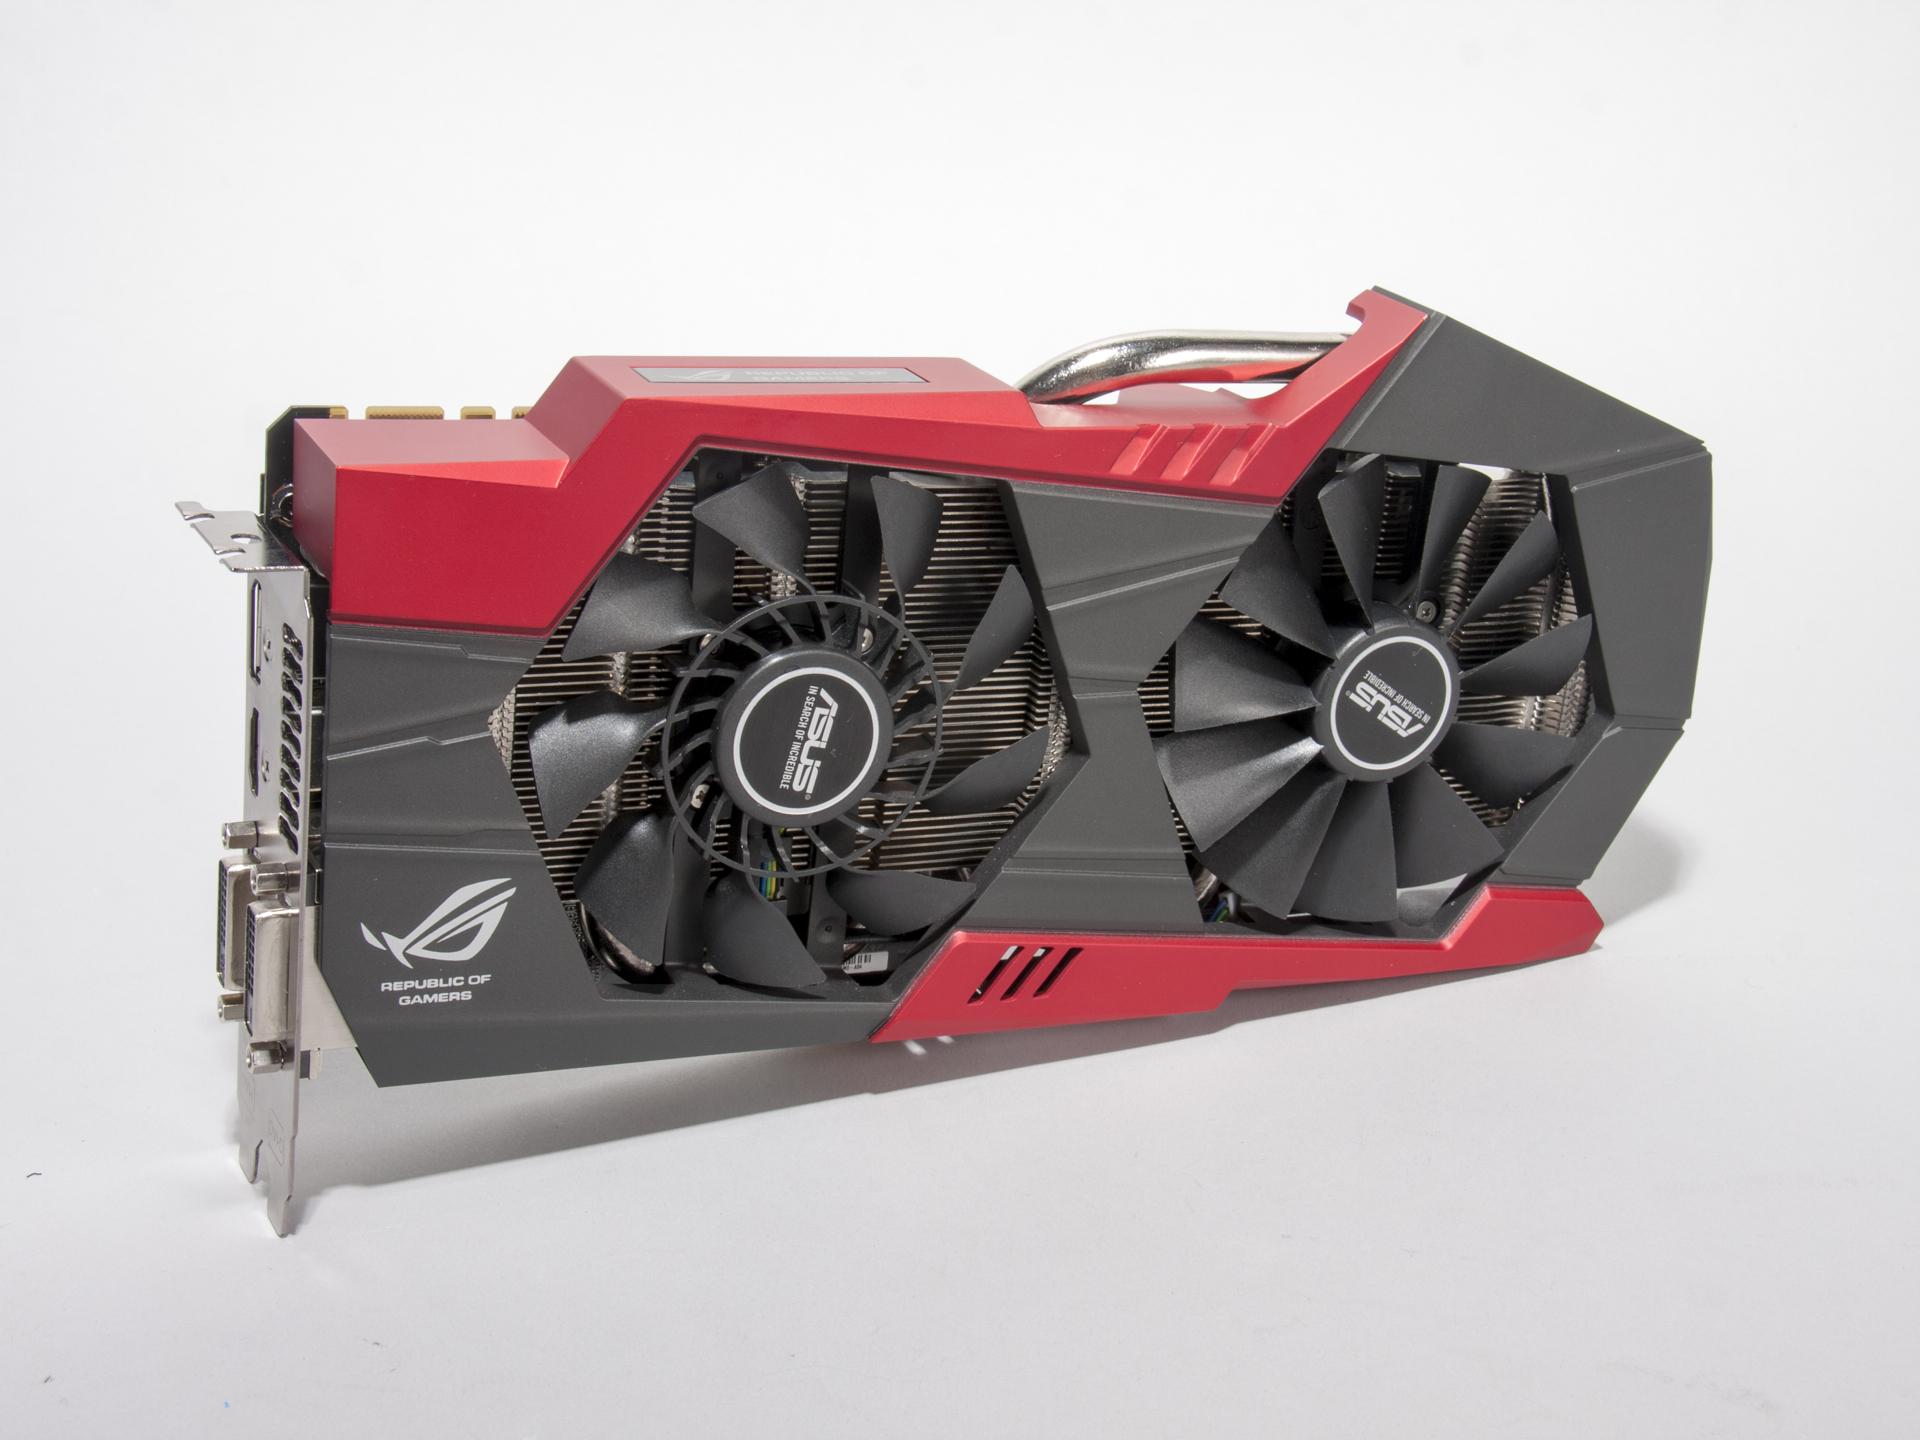 繼承NVIDIA晶片組意志的顯卡,ROG Striker復出作Asus GTX 760 4GB